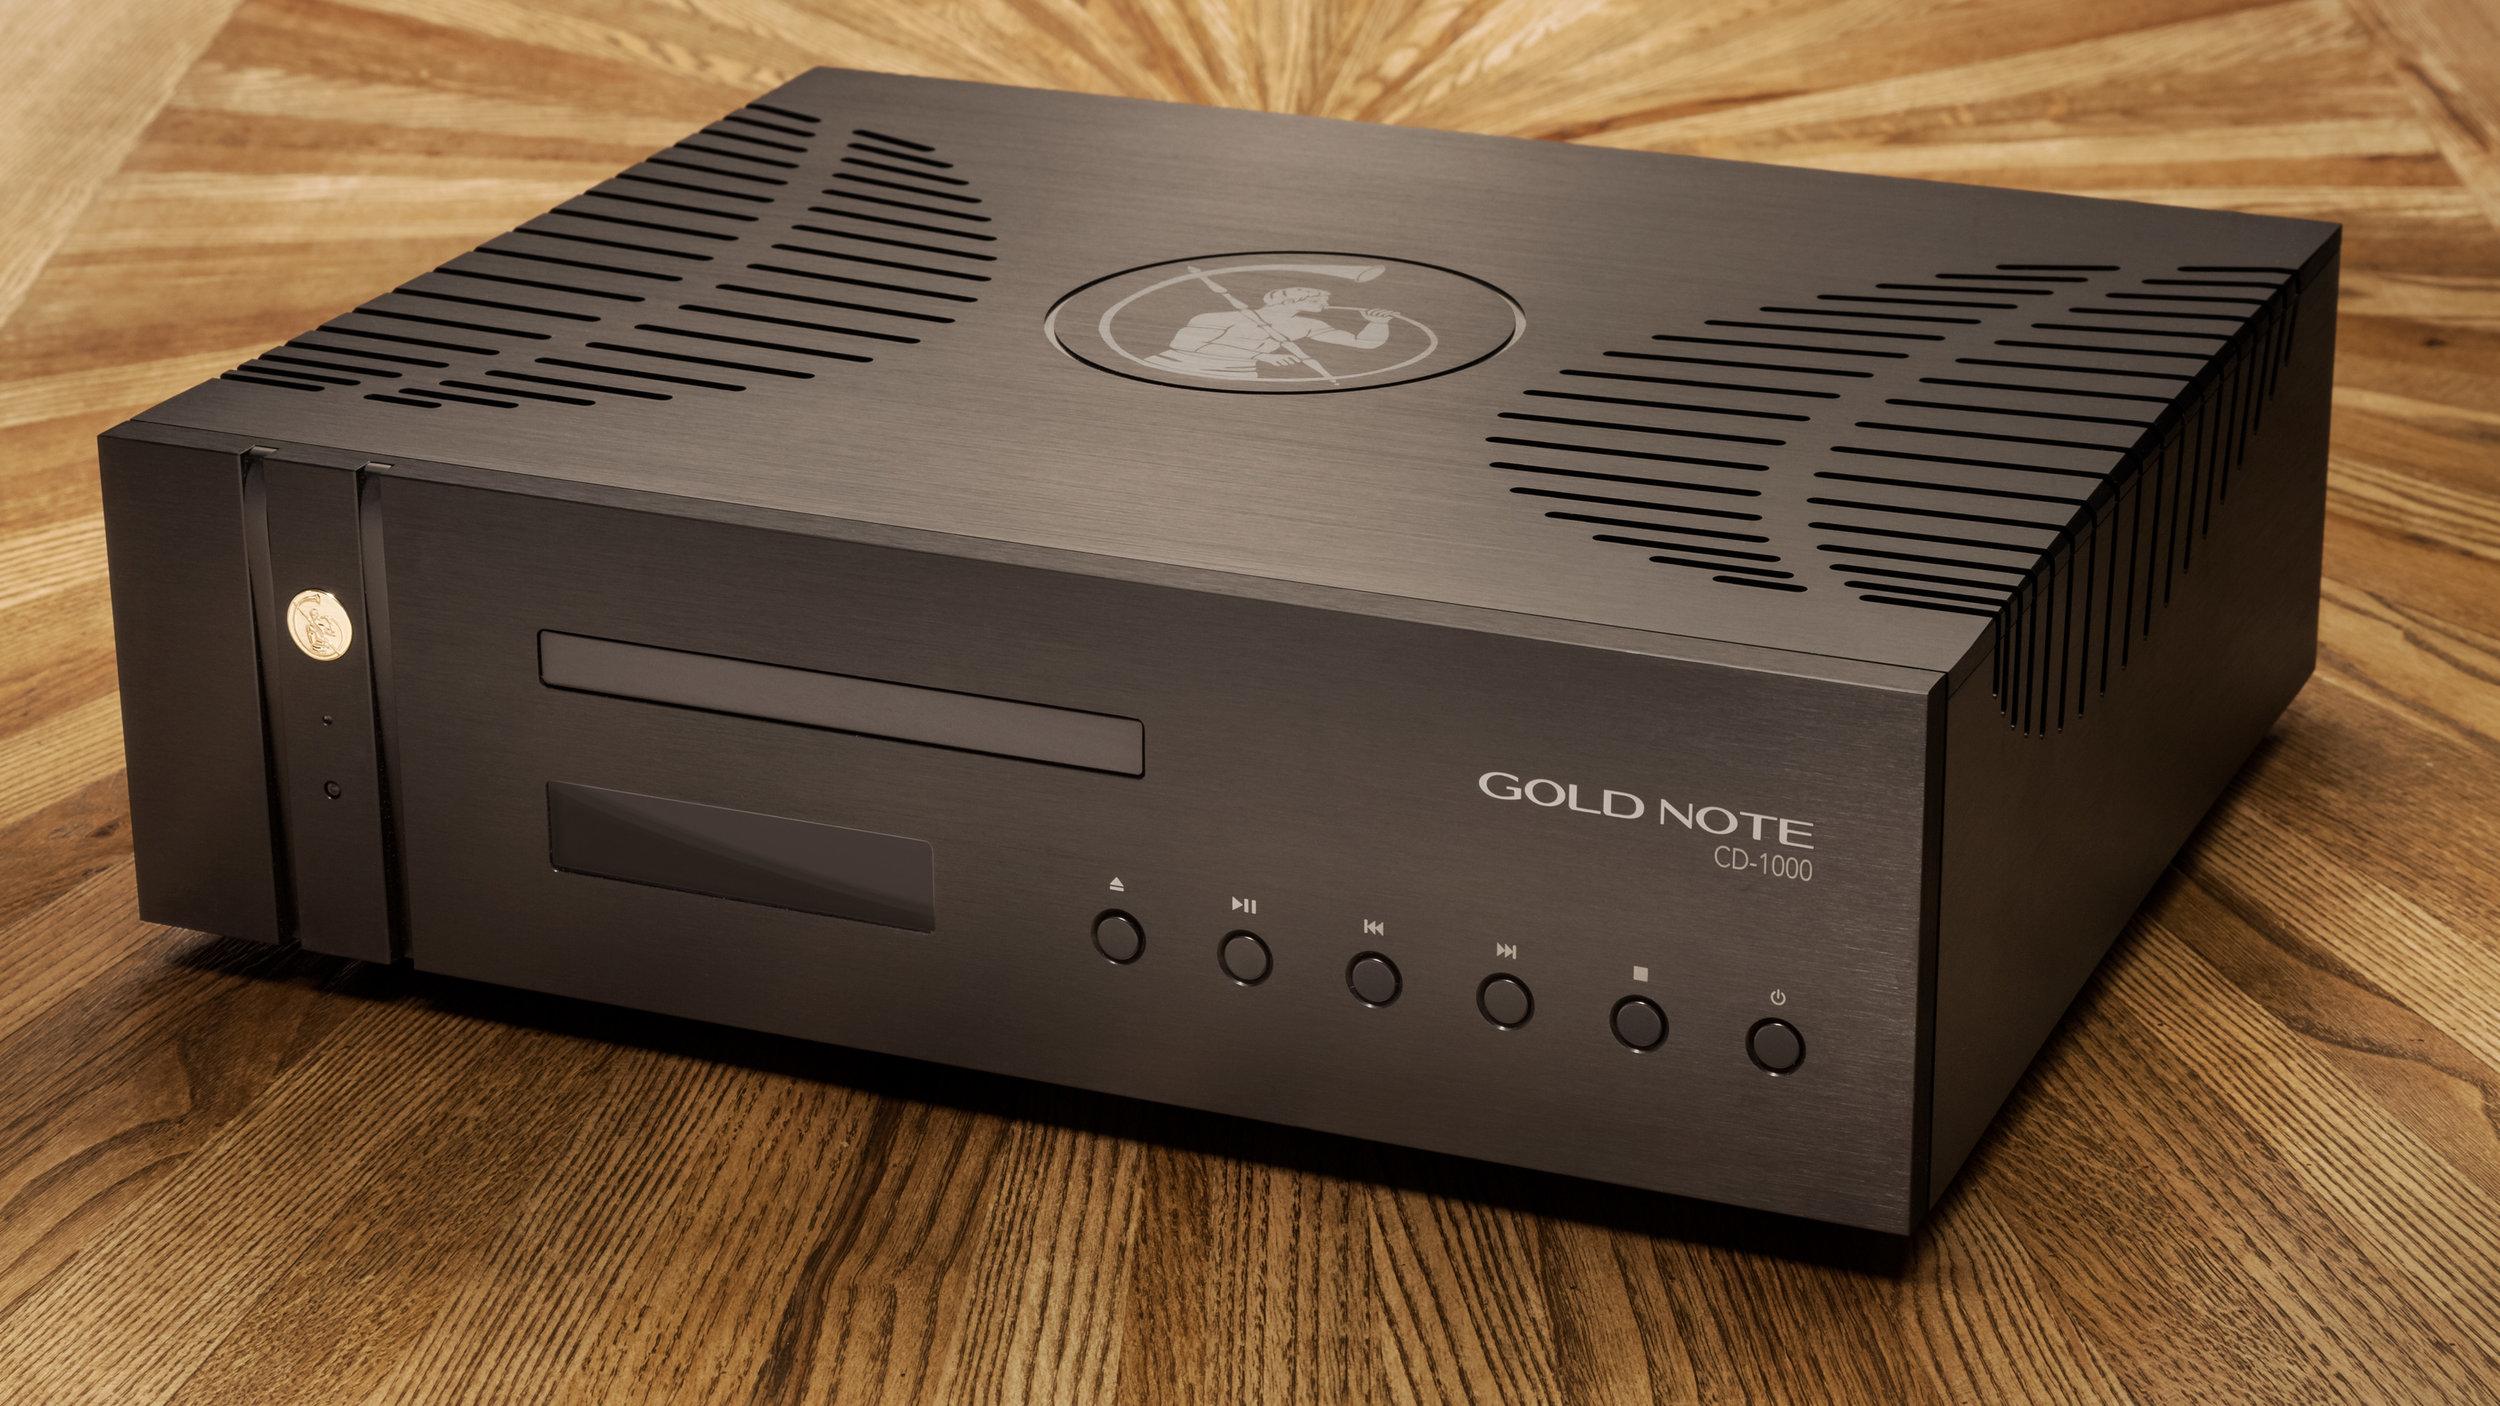 CD-1000 5.jpg